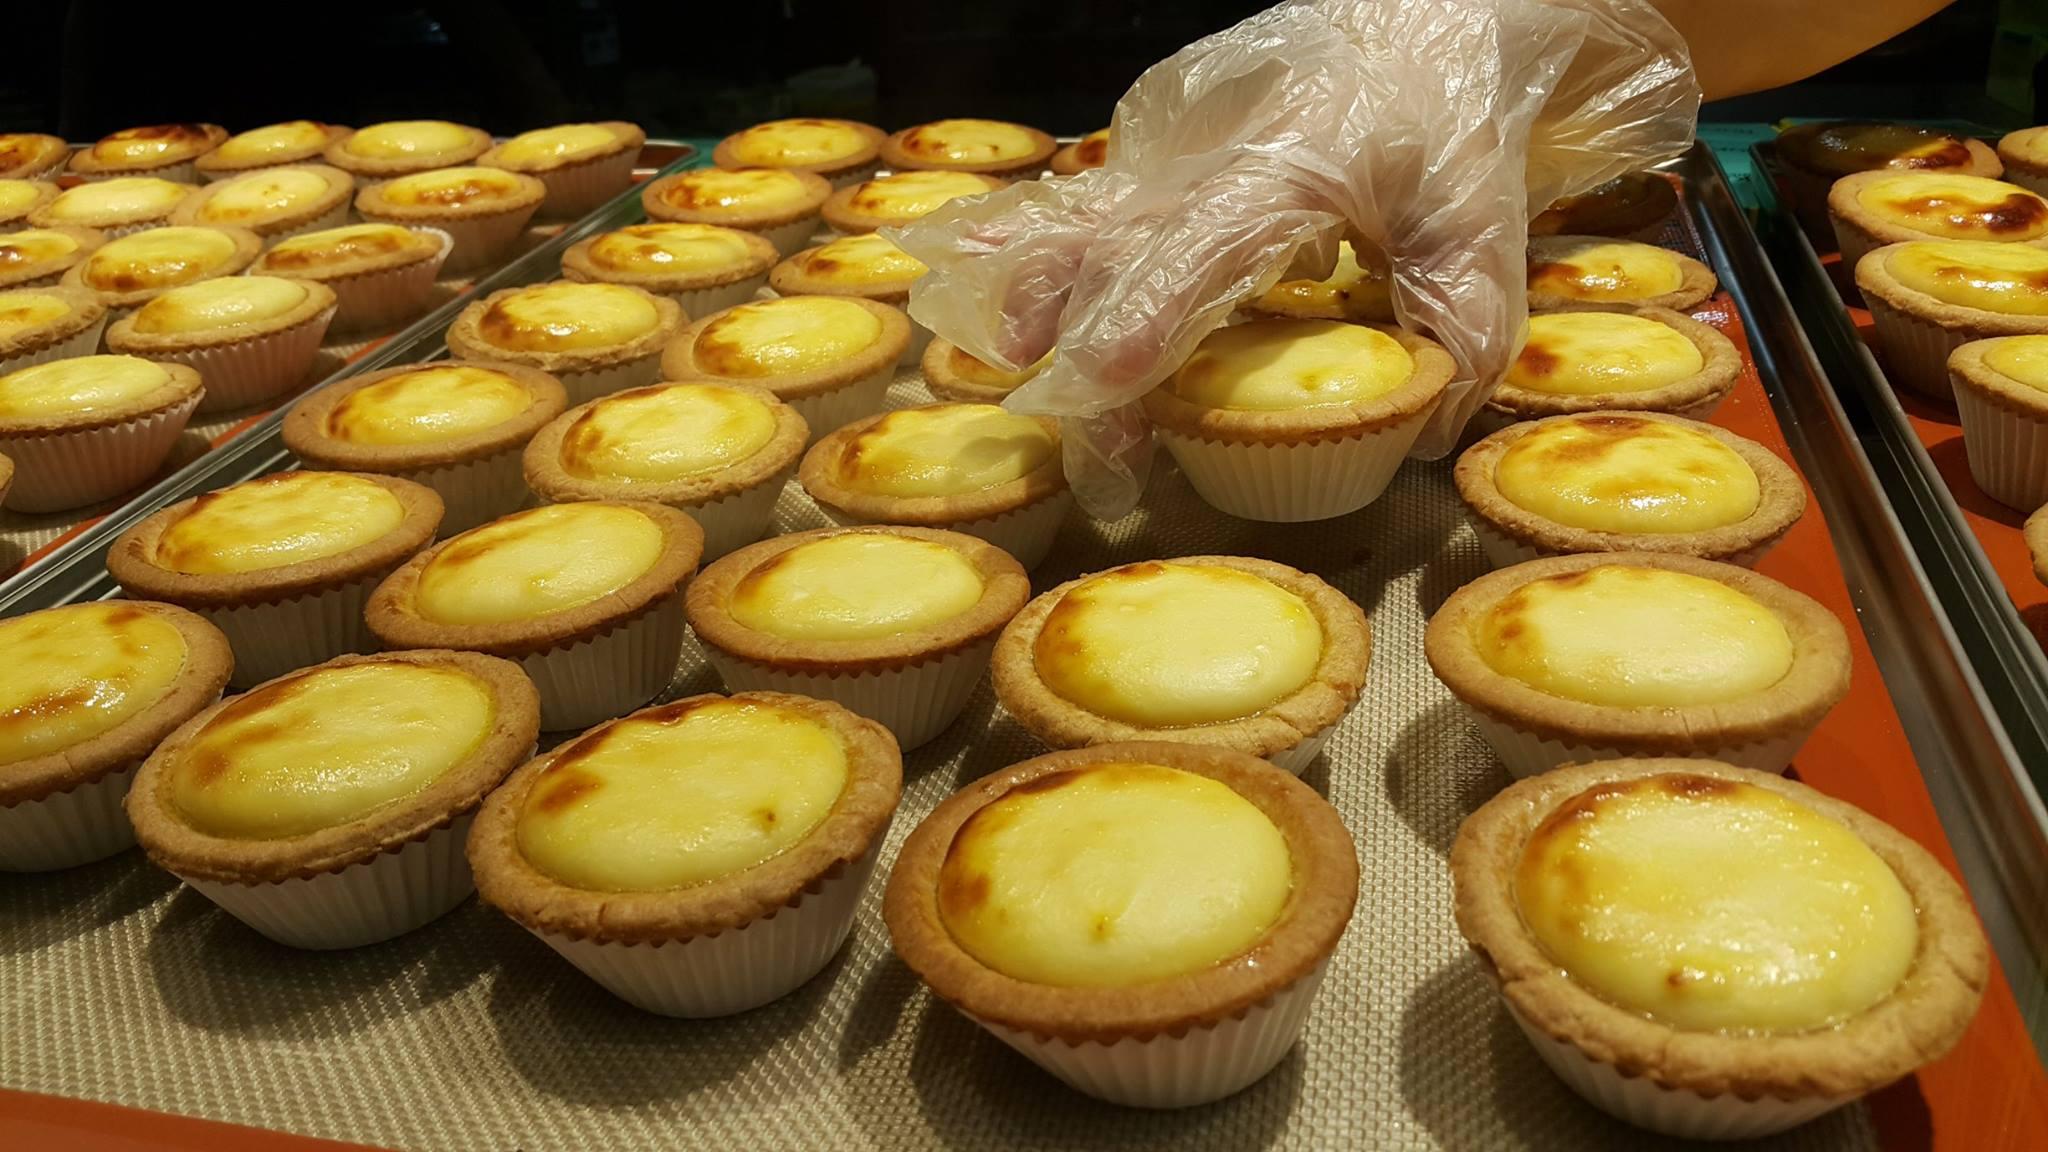 Image from Hokkaido Baked Cheese Tart